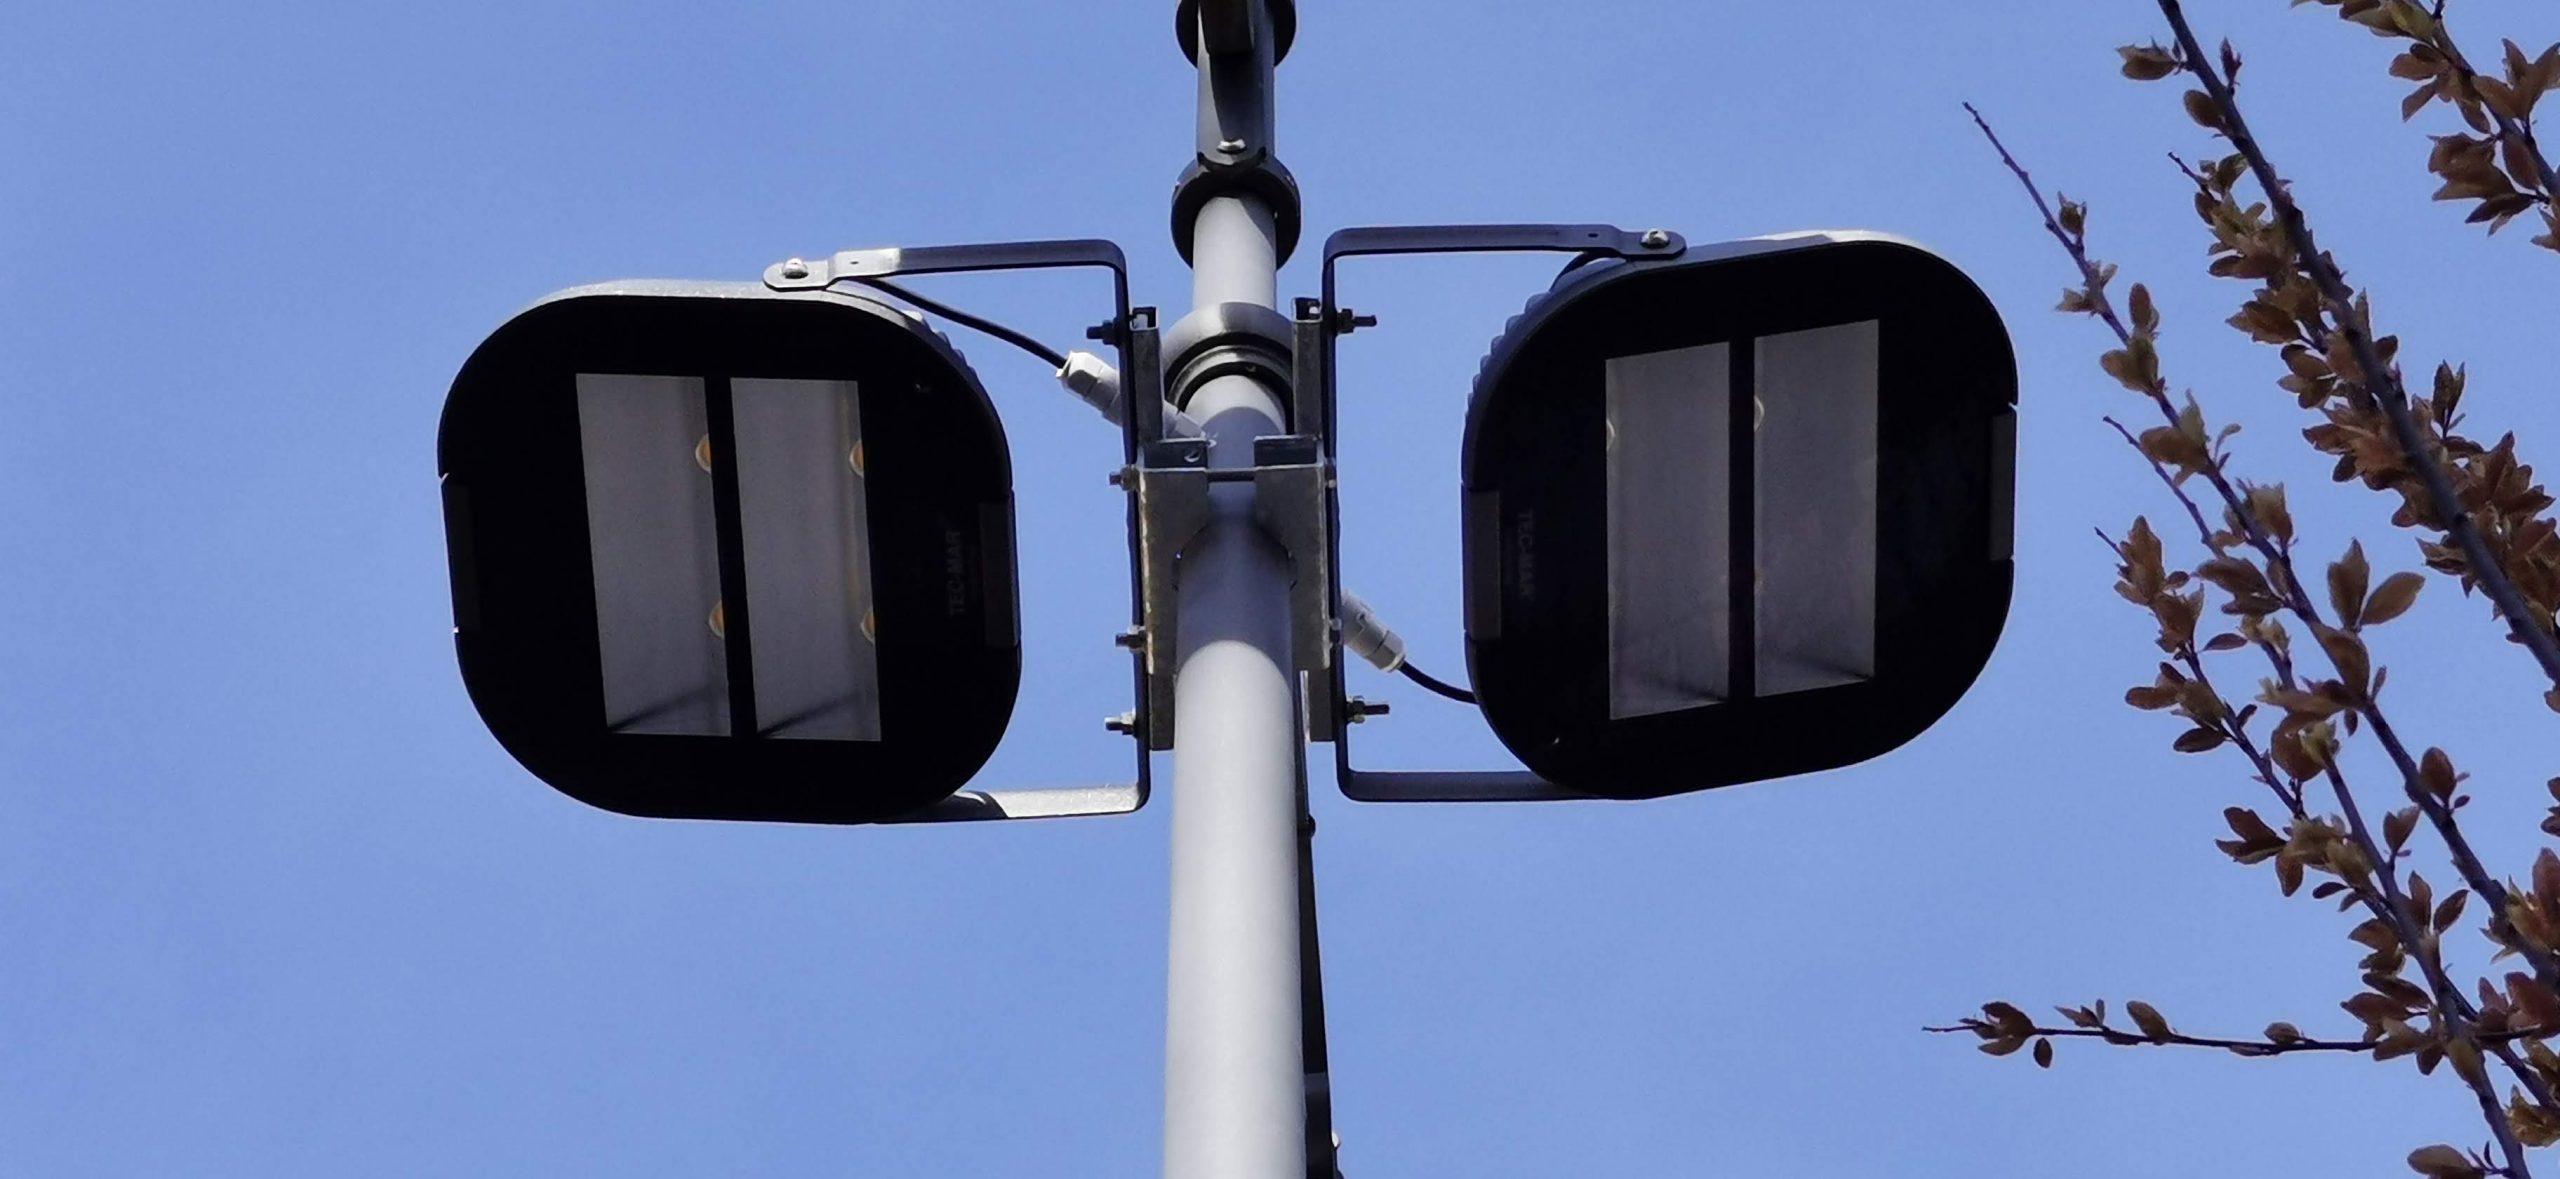 immagine di un faro a led per illuminazione pubblica